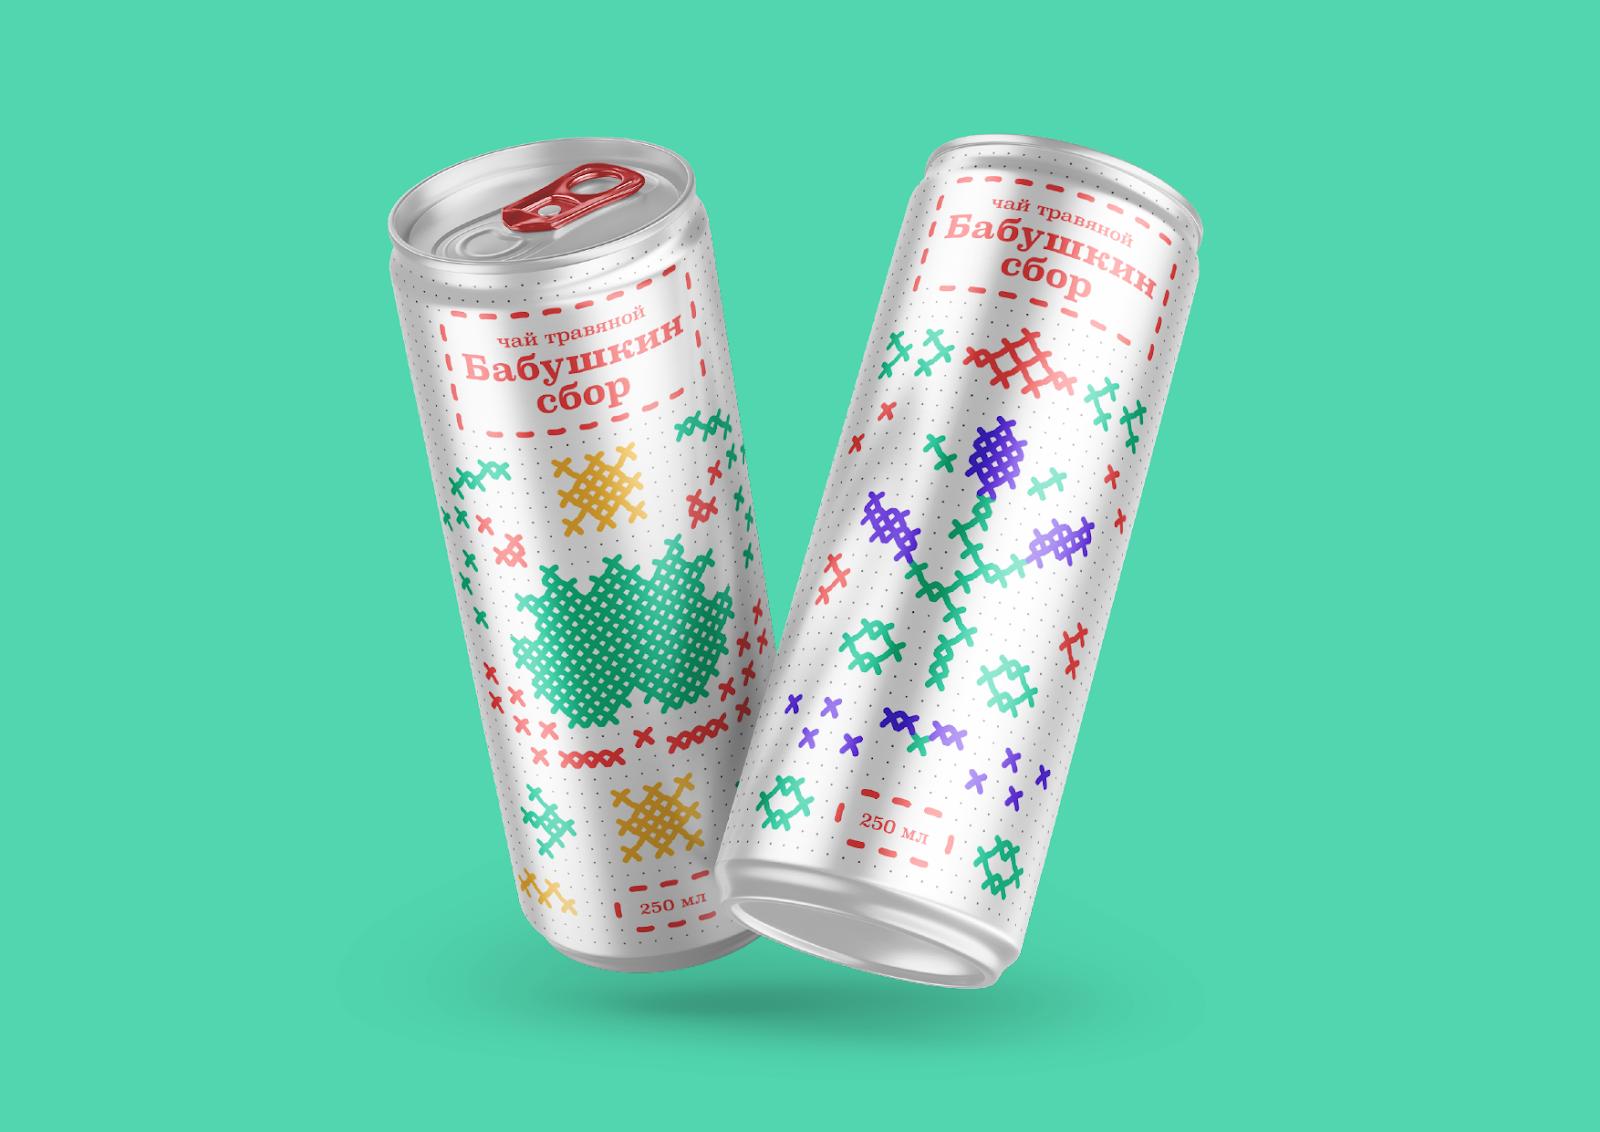 冰茶饮料包装设计(十字绣马赛克风格)